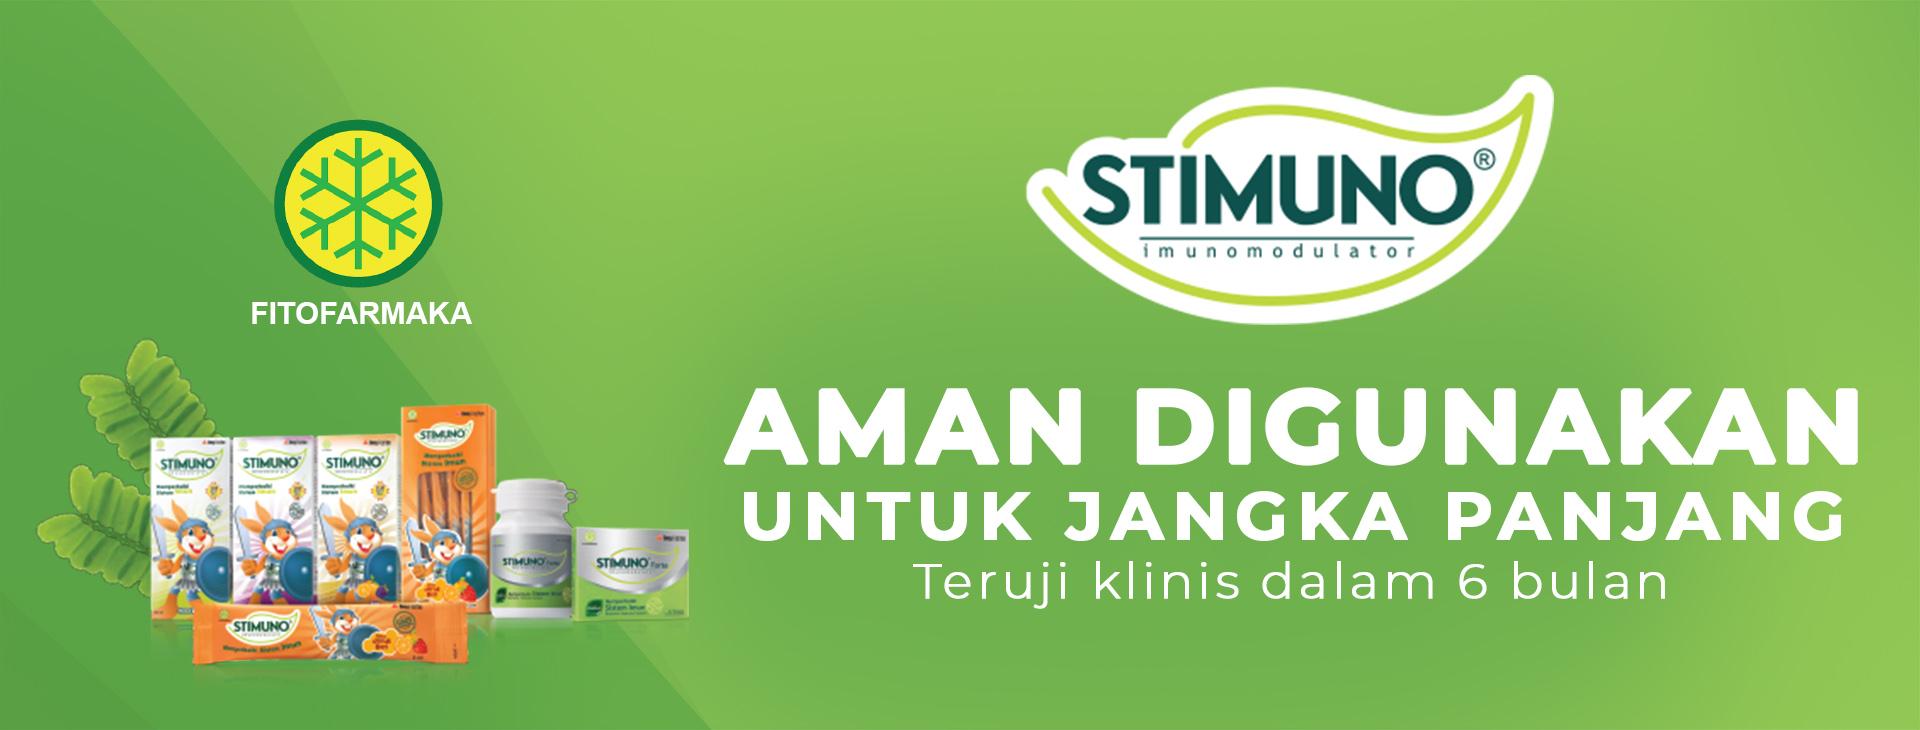 Ikuti kuis dan dapatkan kesempatan mendapatkan voucher gratis sampel Stimuno, sekarang!